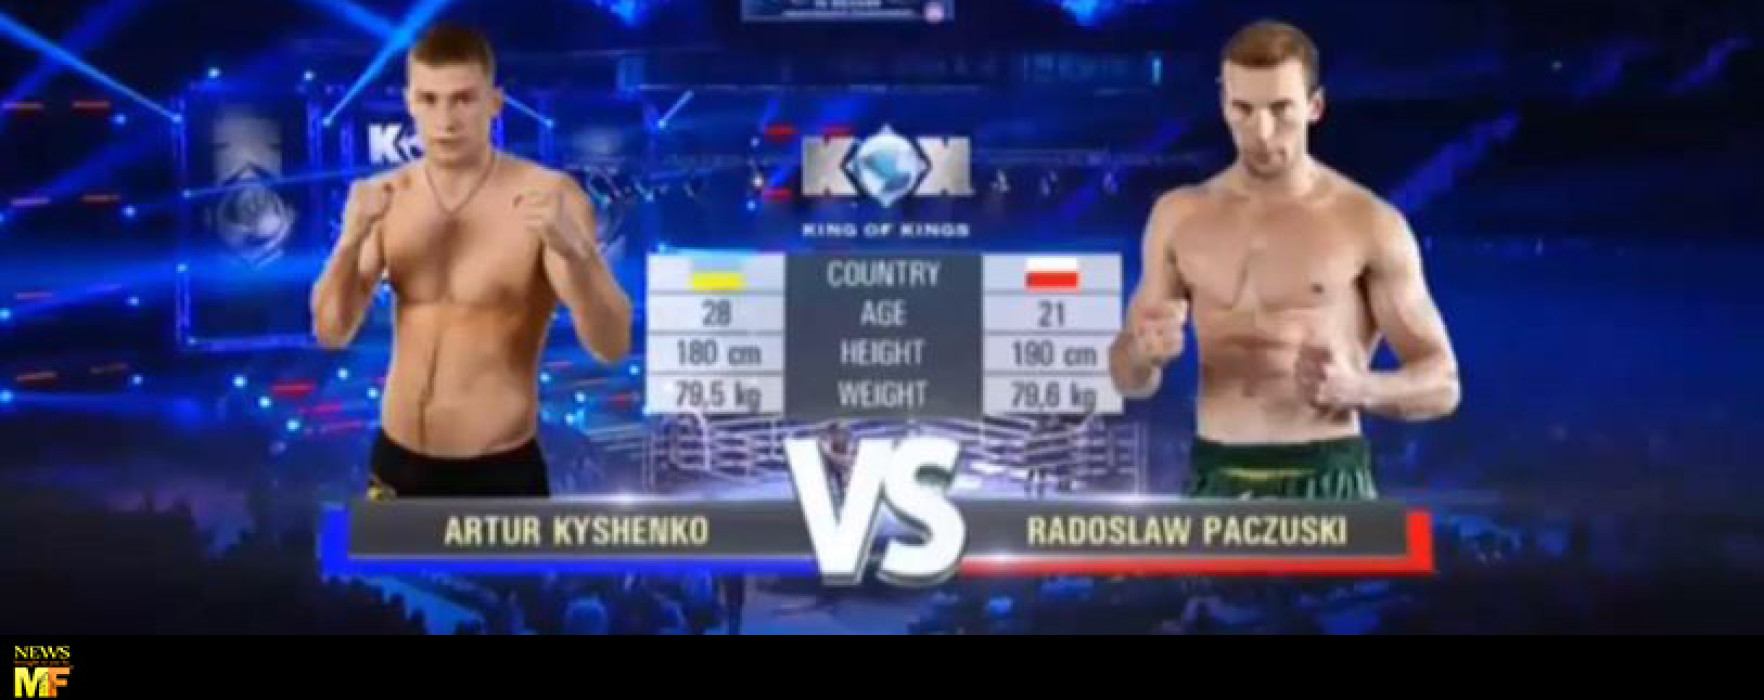 Video: Artur Kyshenko vs Radoslaw Paczuski – KOK – Gdansk, Poland – 17/10/2014